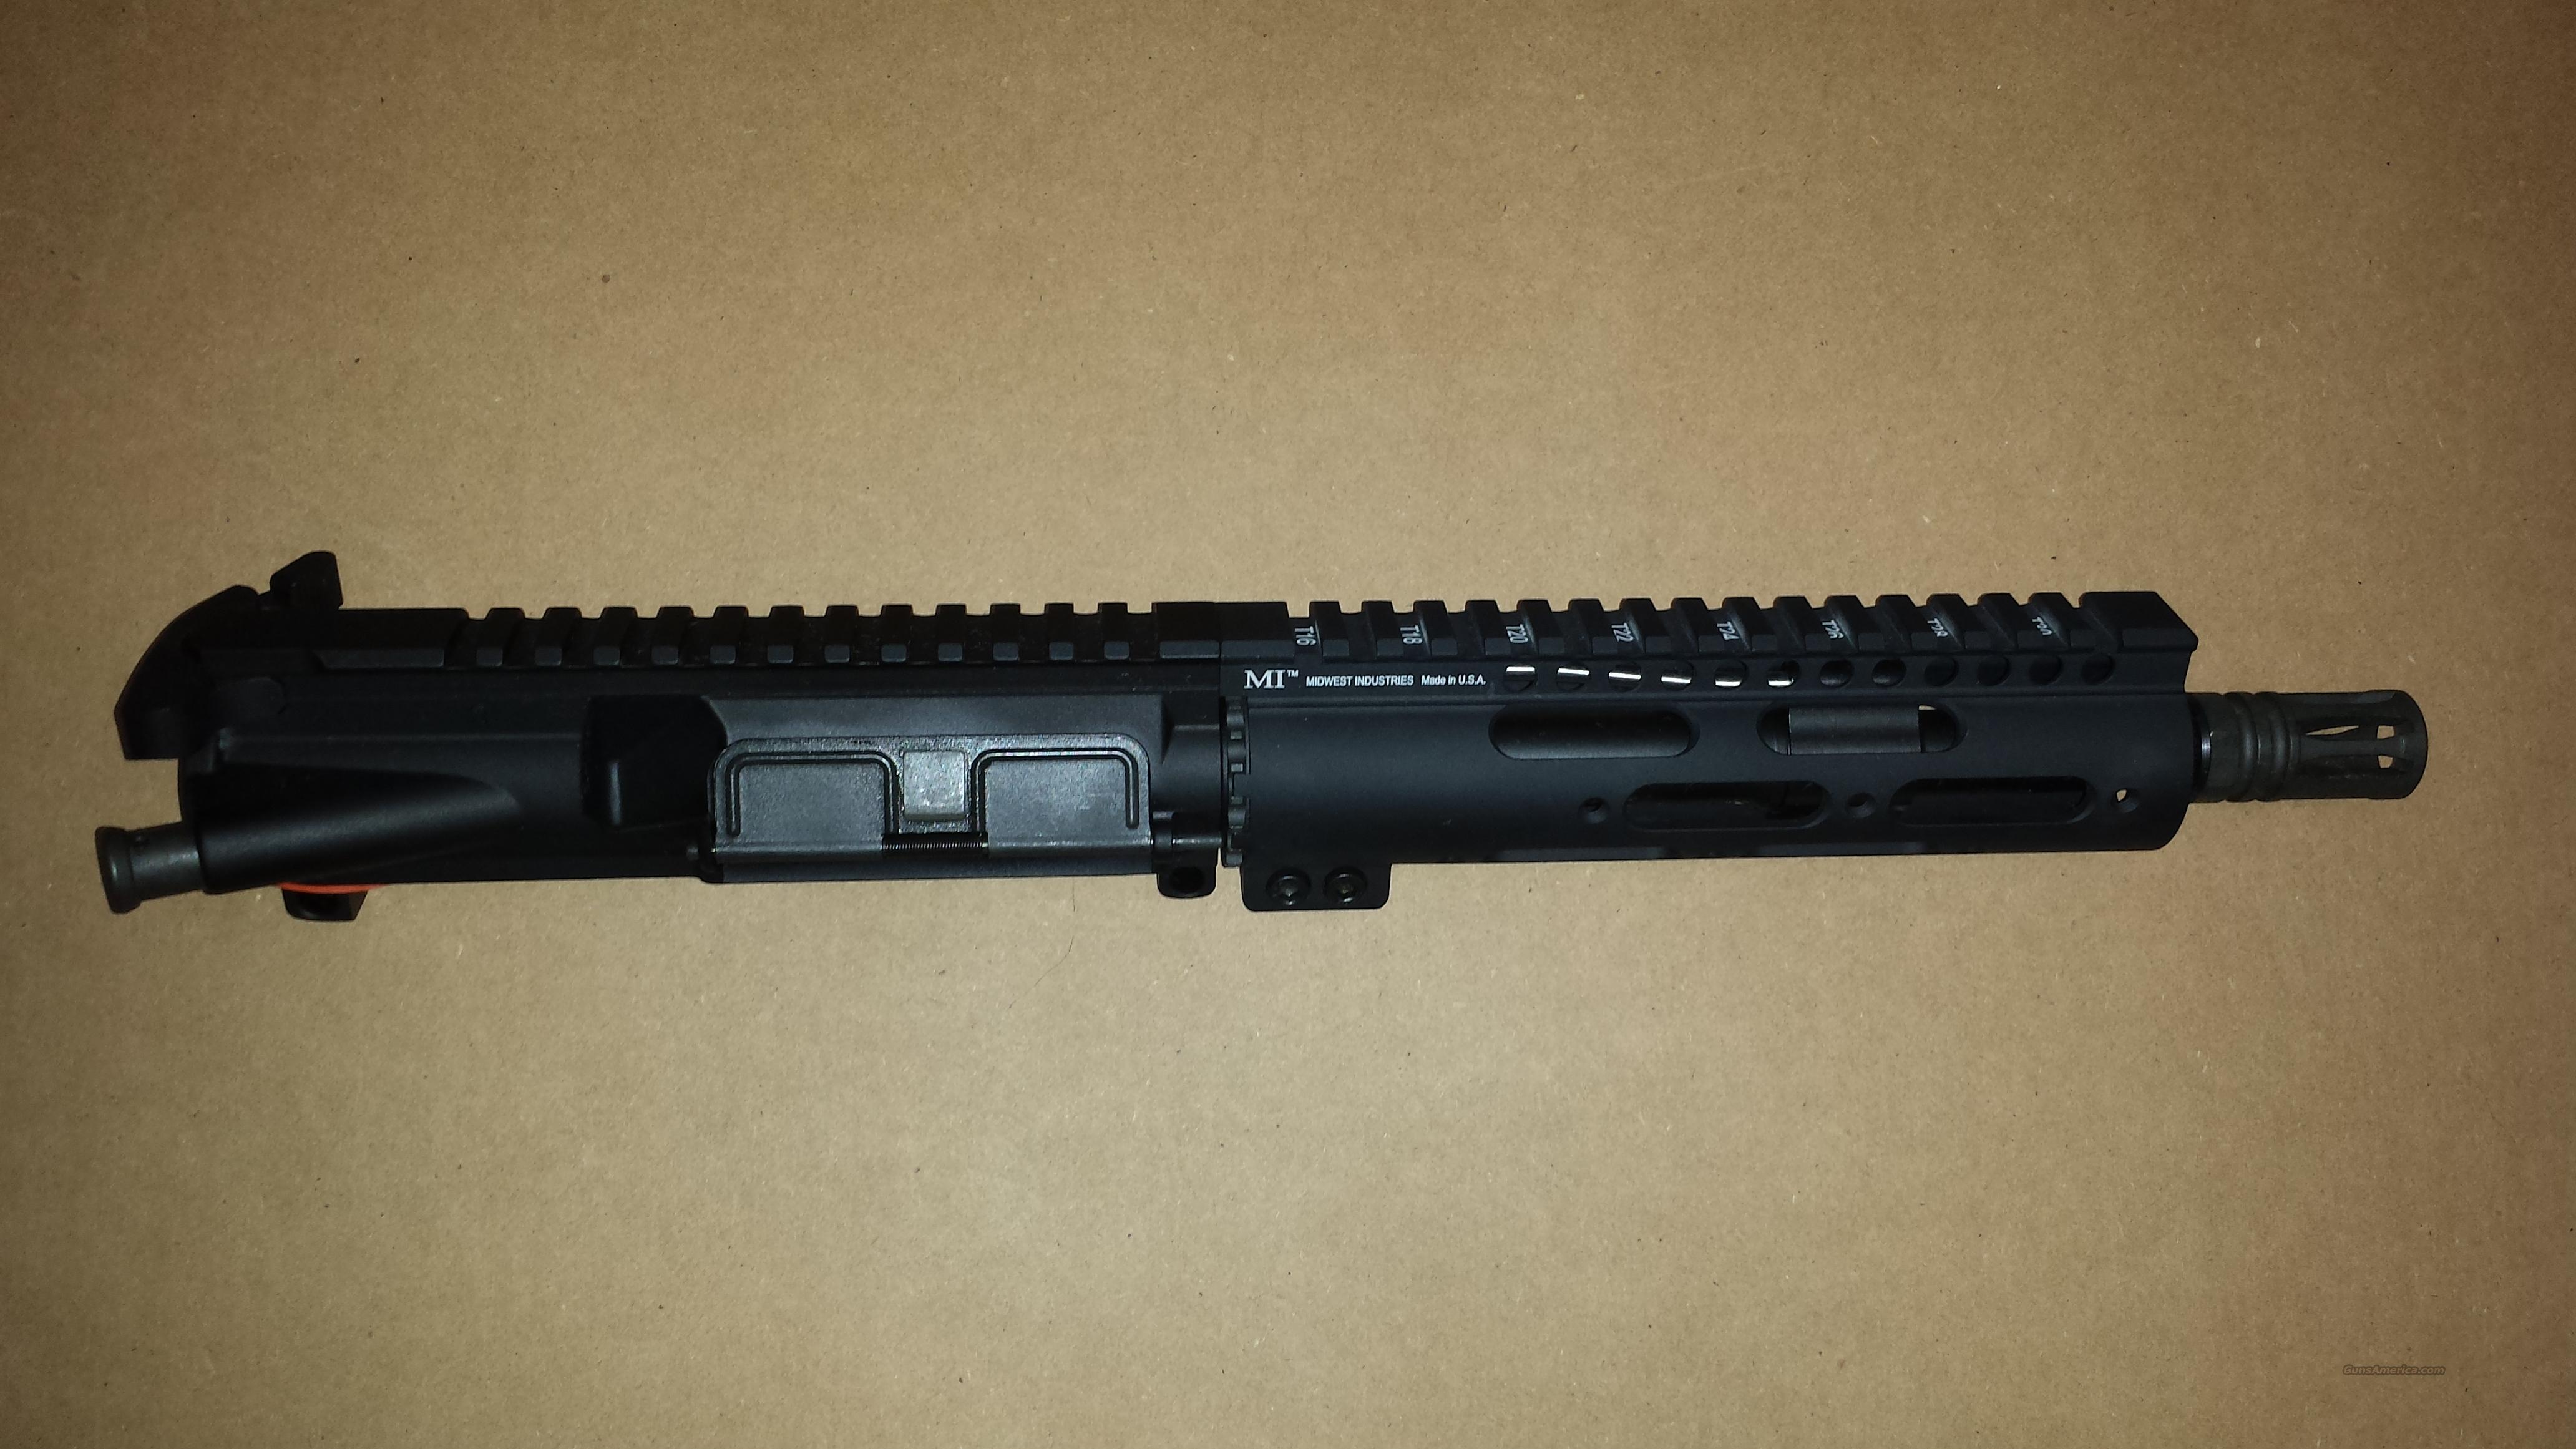 Lmg Ar 15 Complete Upper Receiver 300 Blackout For Sale